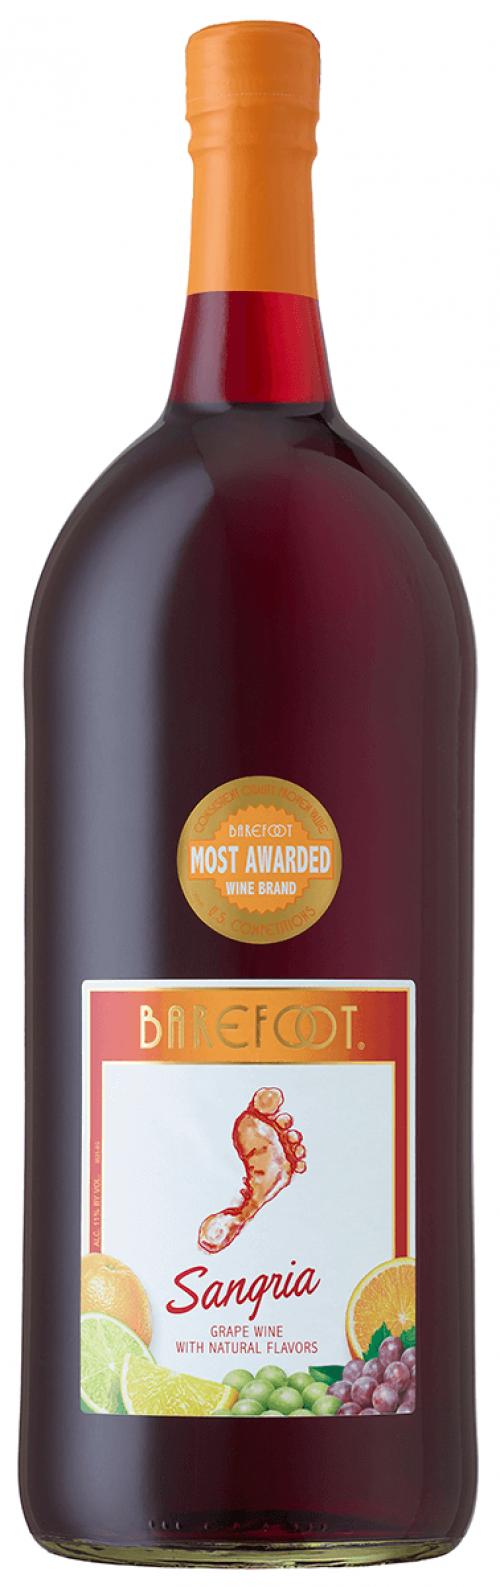 Barefoot Sangria 1.5L NV